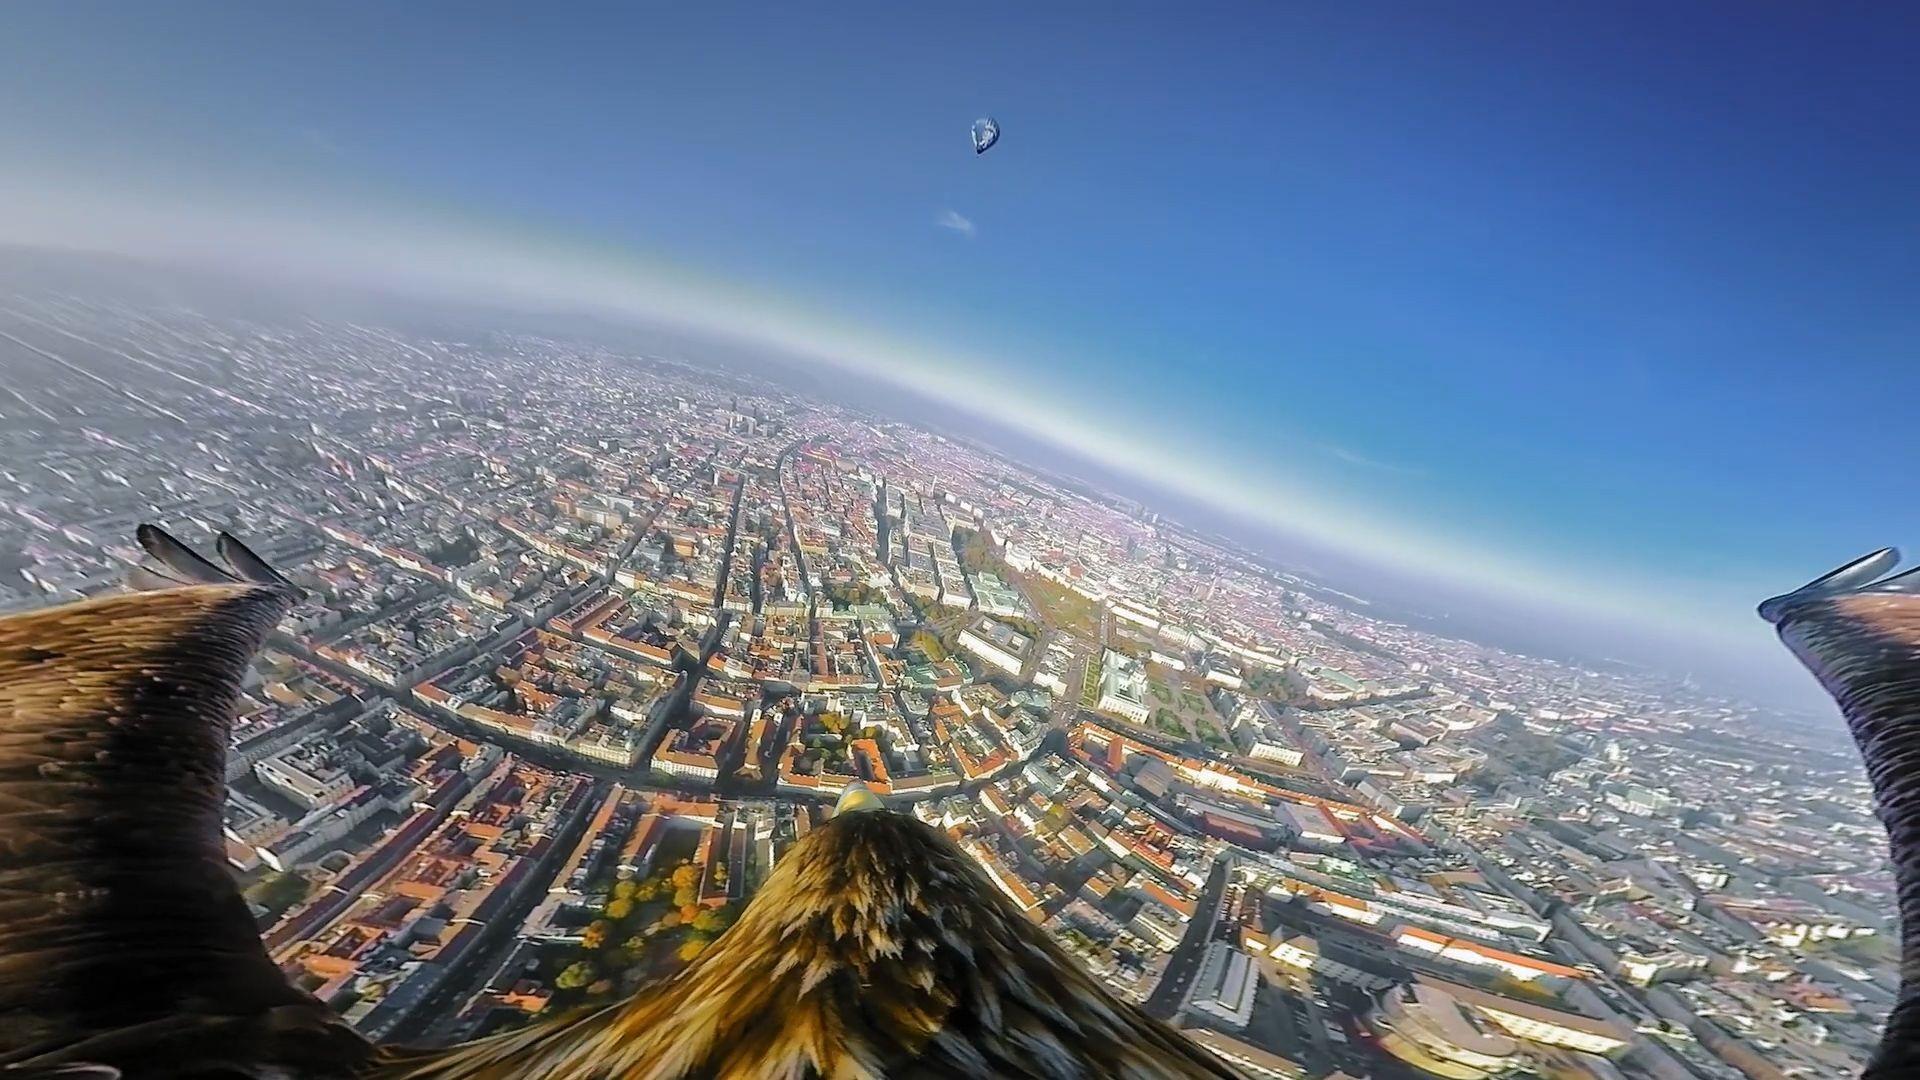 Különleges 360 fokos videó Bécsről